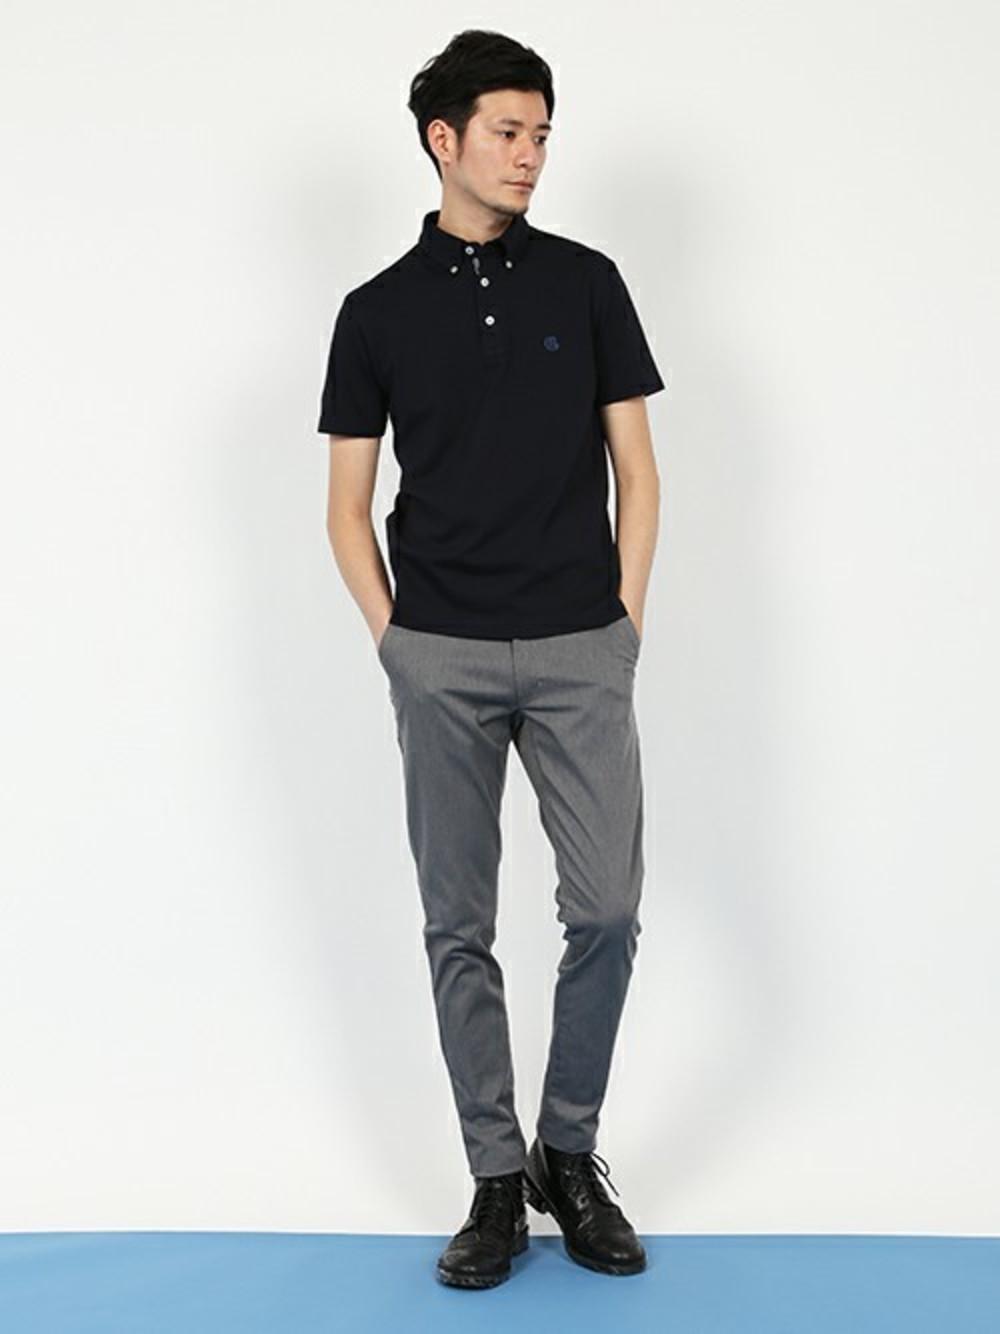 公務員のクールビズのポロシャツスタイル